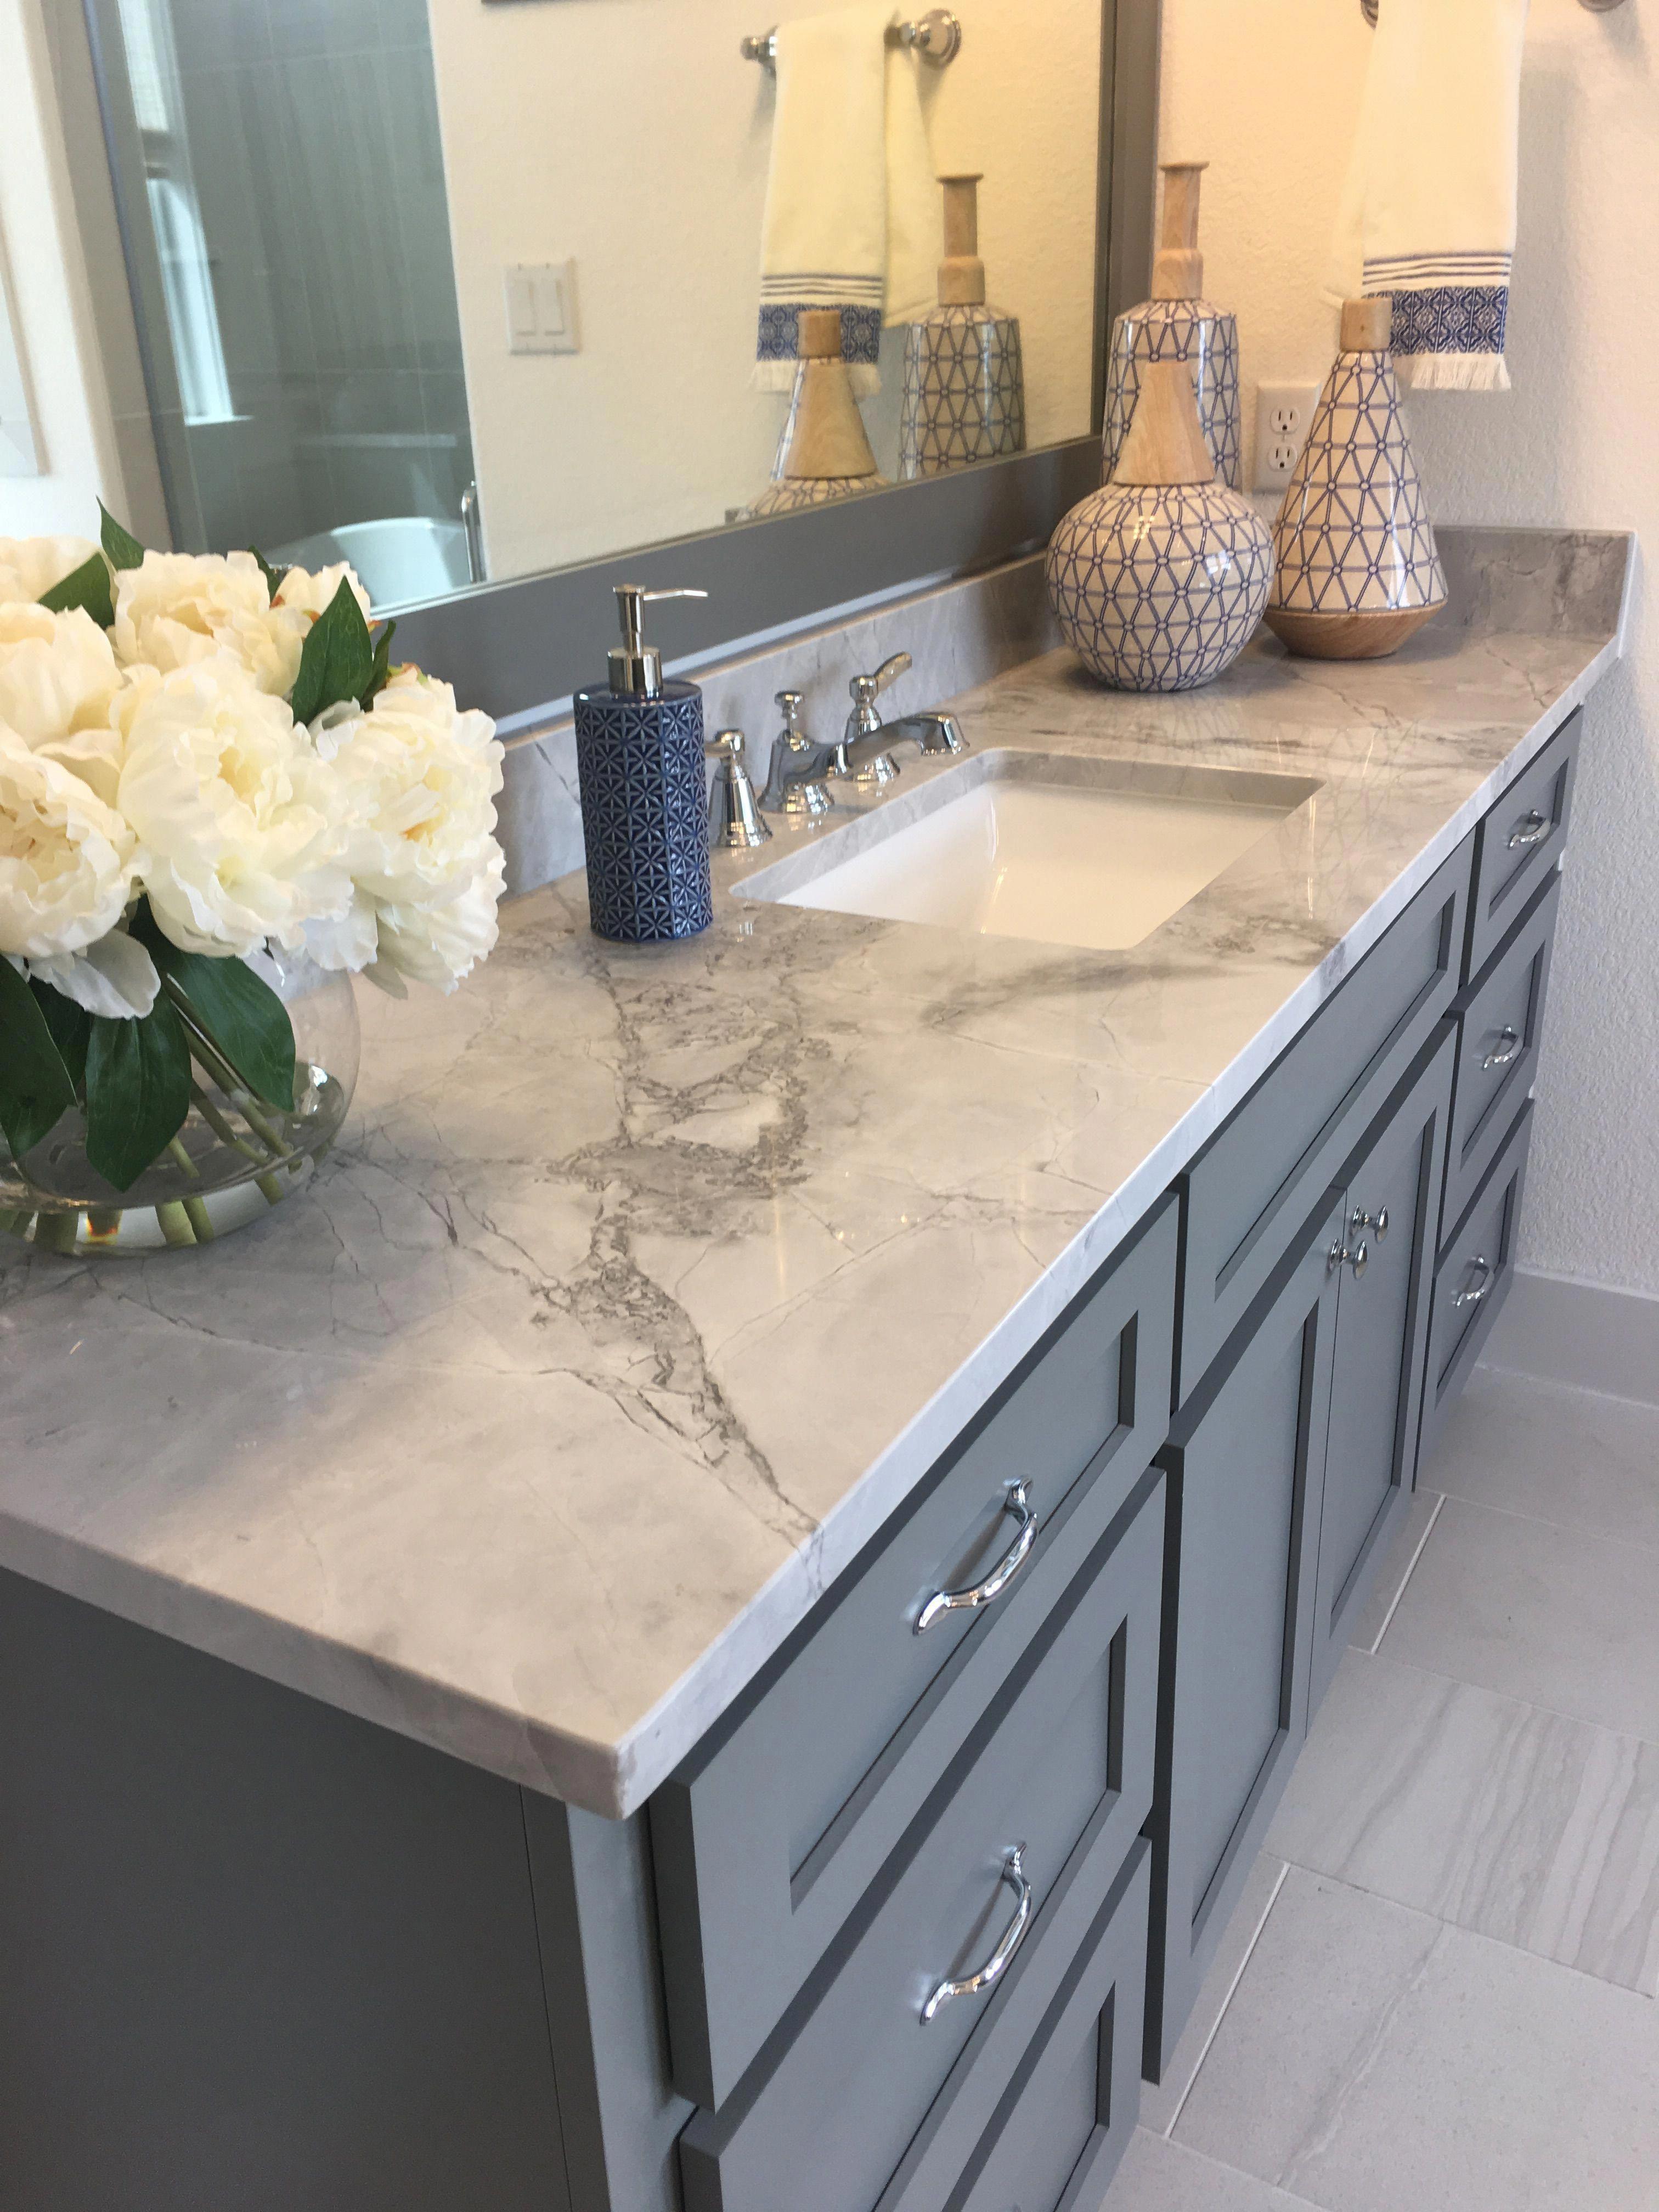 Master Bathroom Cabinet Color With Grey Goose Quartzite Countertops Bathroomideas Bathroomdiy En 2020 Design De Salle De Bain Armoire Salle De Bain Salle De Bain